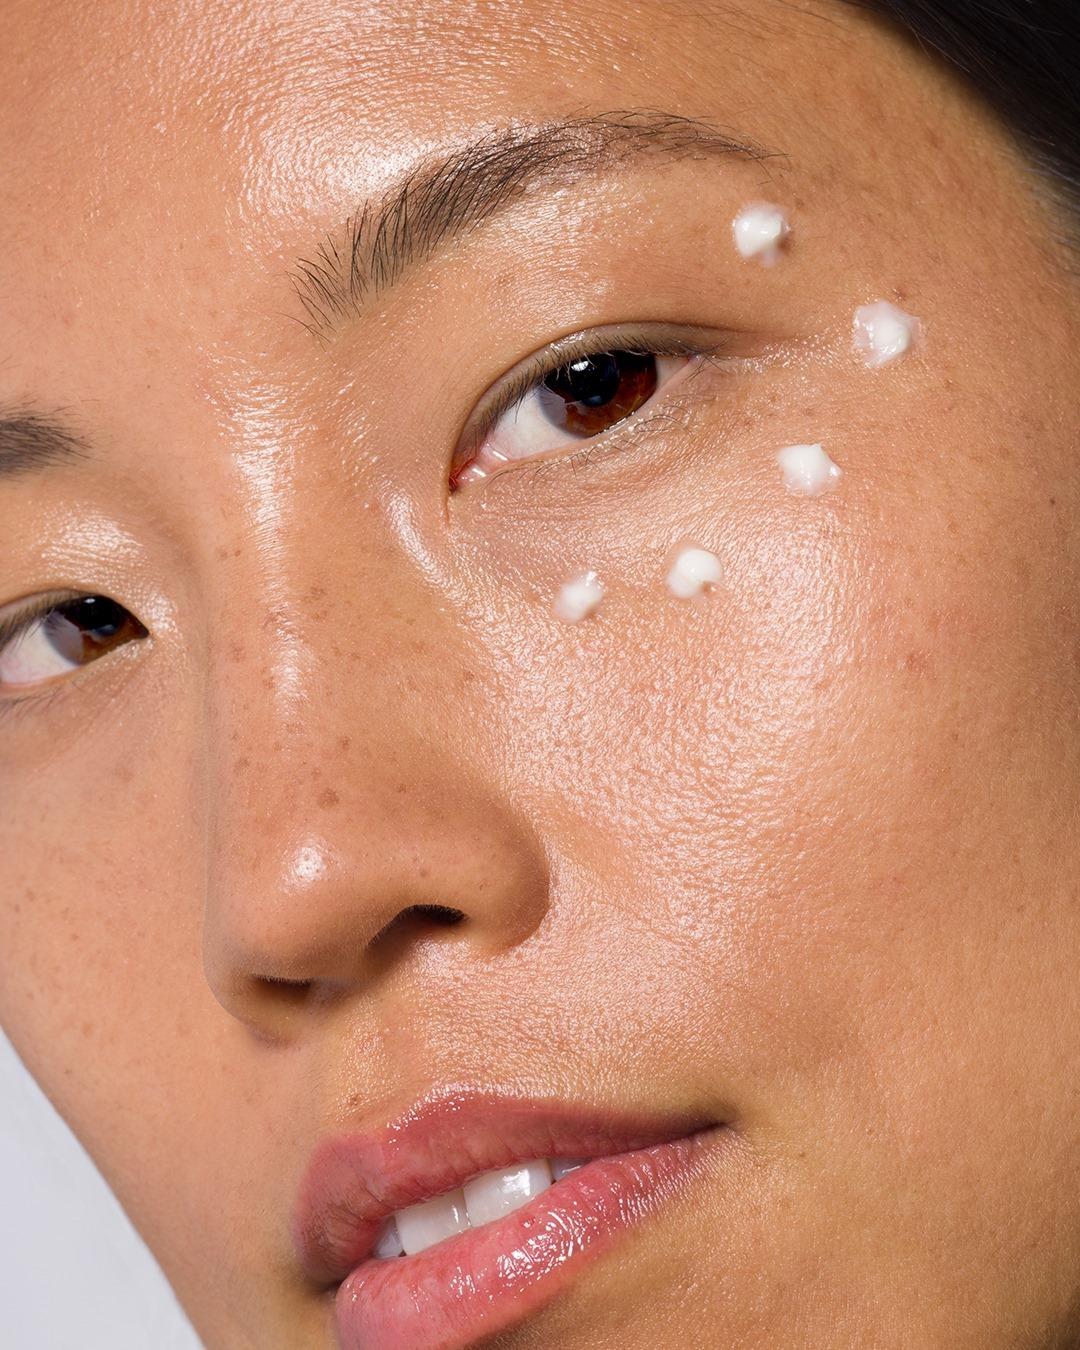 xu hướng skincare - bảo vệ da